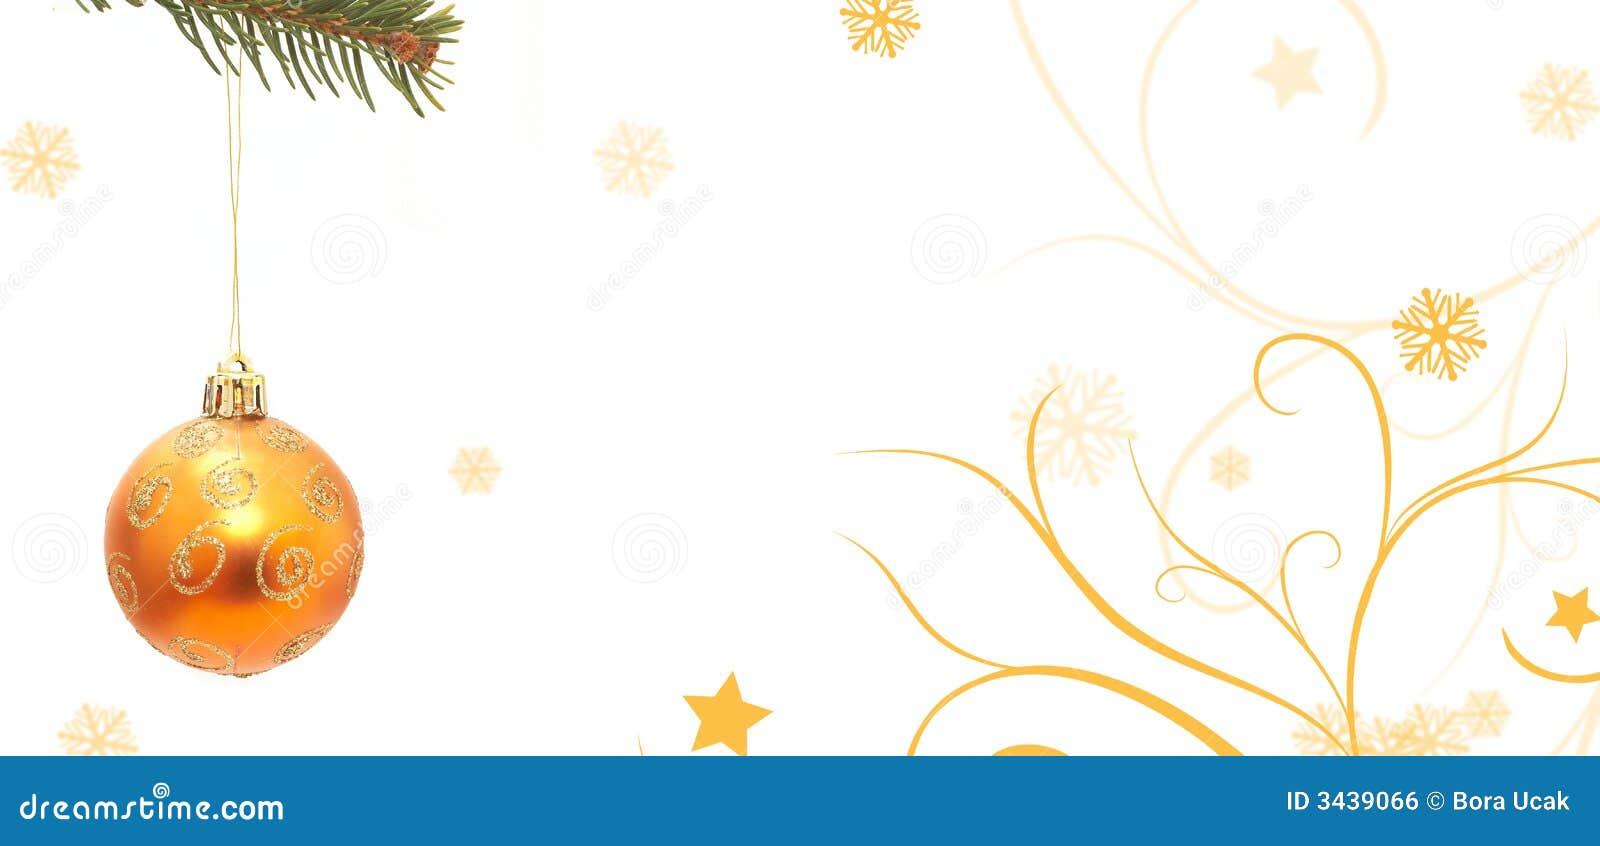 De decoratie van kerstmis royalty vrije stock afbeelding afbeelding 3439066 - Afbeelding van decoratie ...